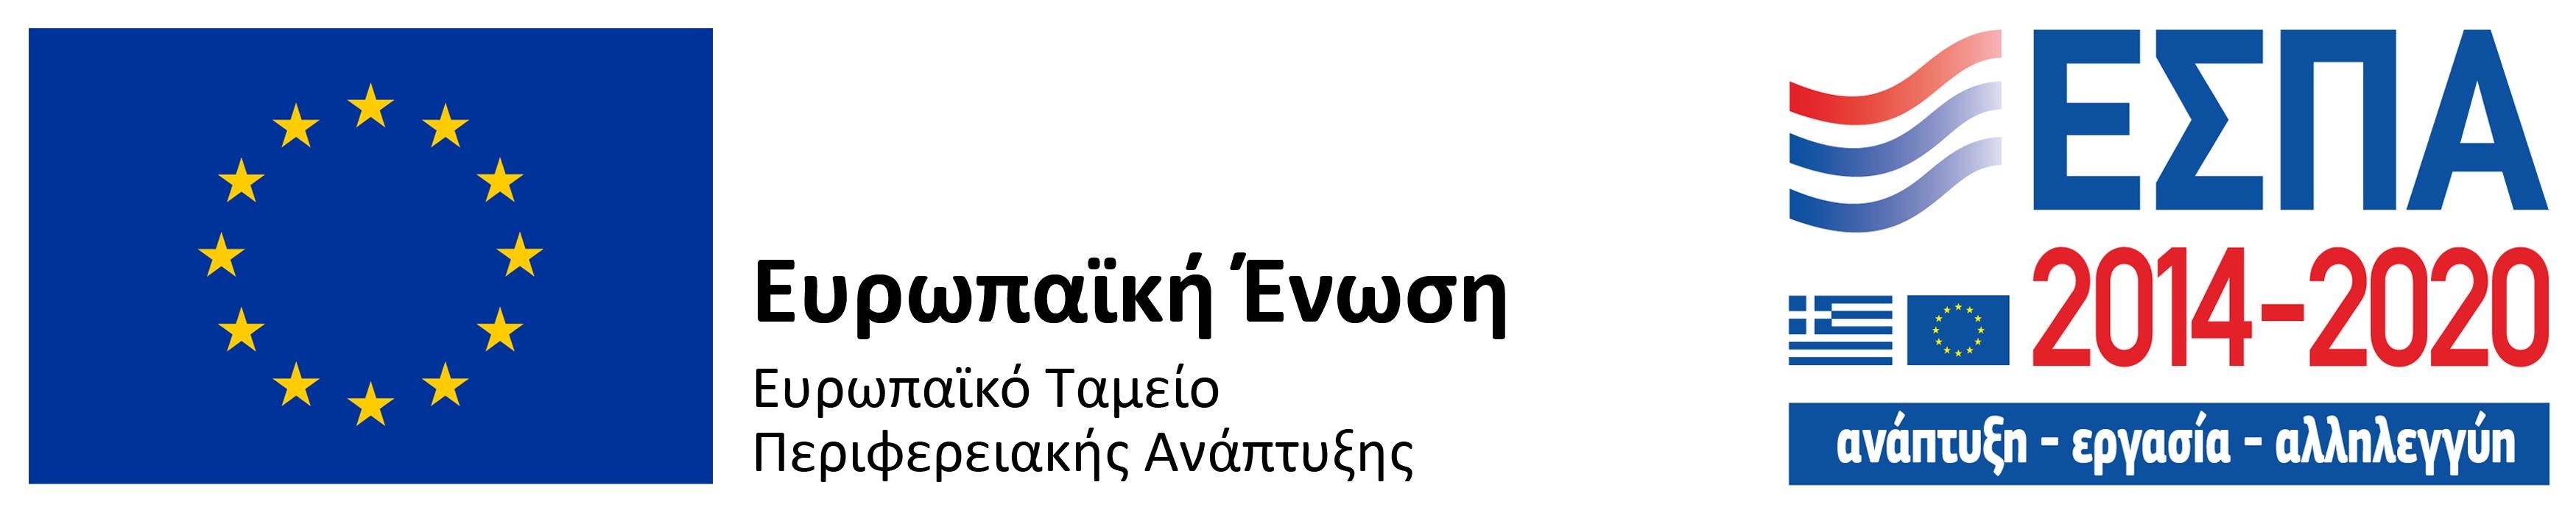 ΕΣΠΑ 2014-20